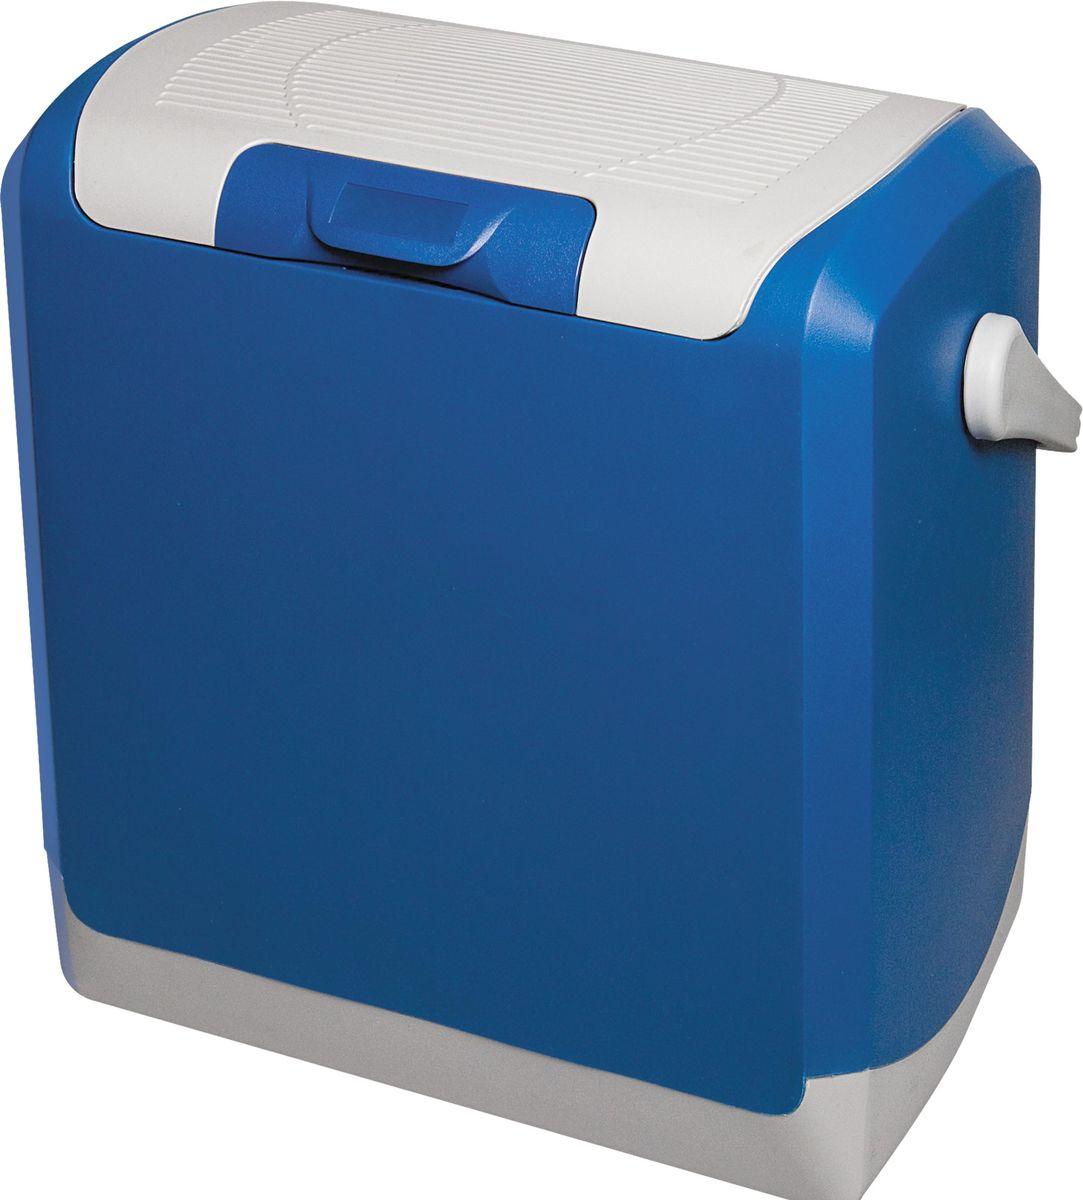 Холодильник-подогреватель термоэлектрический Zipower, 14л, 12В, 40Вт. PM 5047PM 5047Сумка-холодильник предназначена для сохранения продуктов и напитков прохладными в жаркую погоду. Максимальное охлаждение: 18–25 °C ниже температуры окружающей среды.Работа от бортовой сети автомобиля 12 вольт. Модель оснащена интеллектуальной системой энергосбережения. Система управления питанием выберет нужный режим охлаждения и переведет автохолодильник в режим пониженного энергопотребления. Внутренняя камера изготовлена из экологически чистого пластика, допускается к контакту с пищевыми продуктами и соответствует экологическим стандартам и нормативам. Конструкция крышки и форм-фактор внутренней части корпуса позволяют разместить в вертикальном положении внутри камеры бутылки объемом до 2 литров.Напряжение: 12 В Максимальный нагрев: до 65 °C Мощность охлаждения/нагрева: 40 Вт Объем: 14 л Размеры: 383 х 254 х 425 мм Вес: 3,5 кг Верхнее расположение вентилятора Подключается к бытовой сети через адаптер РМ0515 (поставляется отдельно)